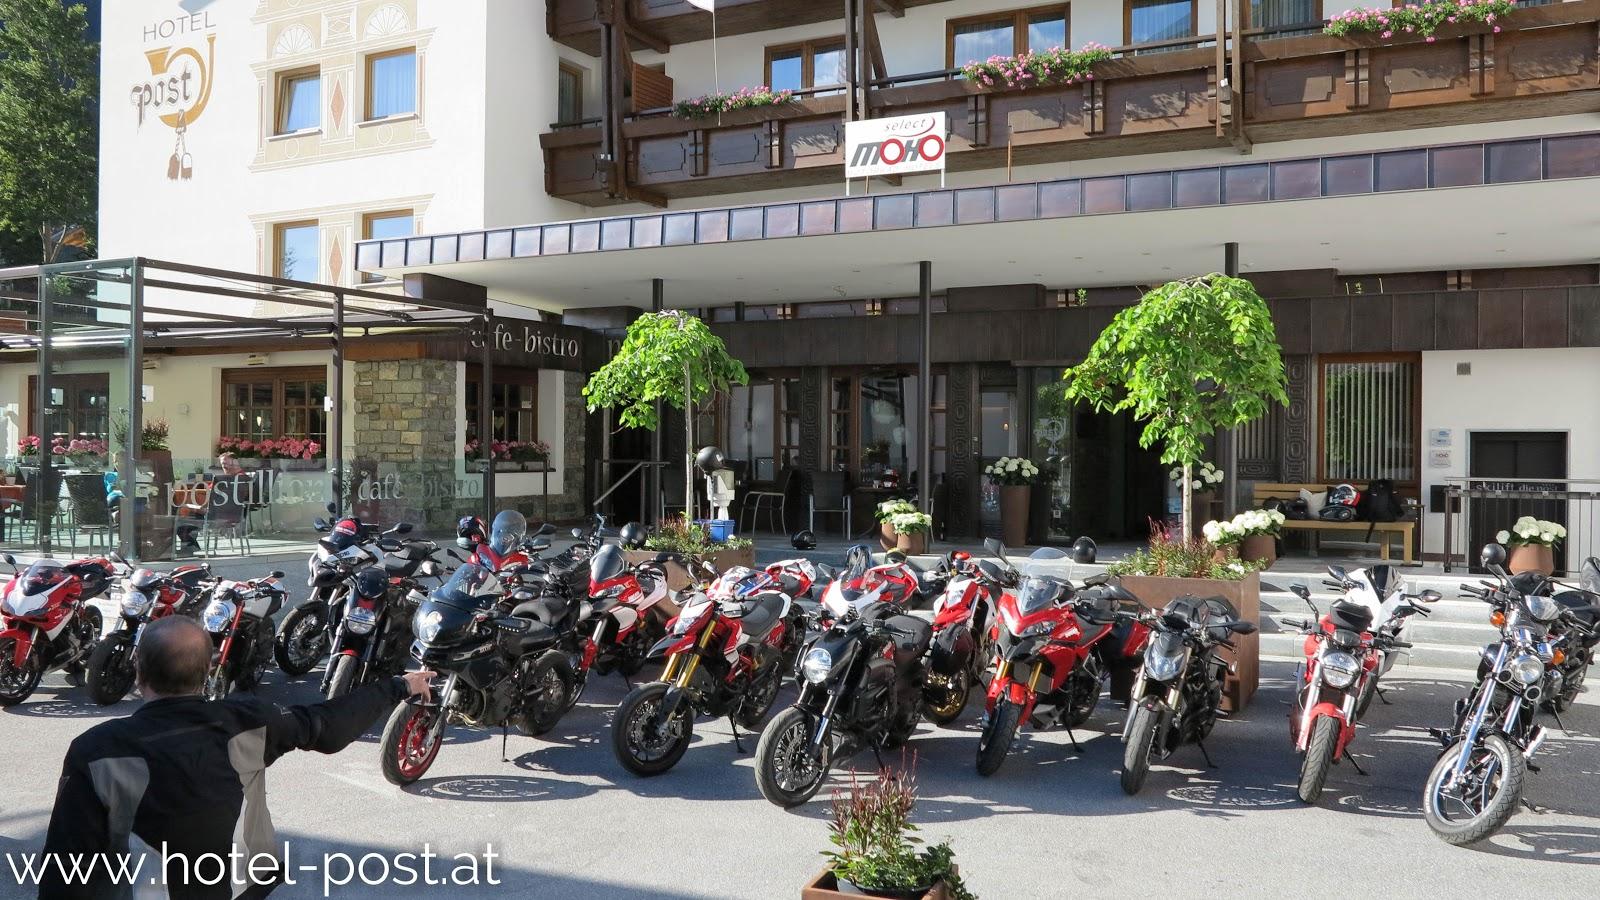 29.06.2016 Postwirt geführte Motorradtour